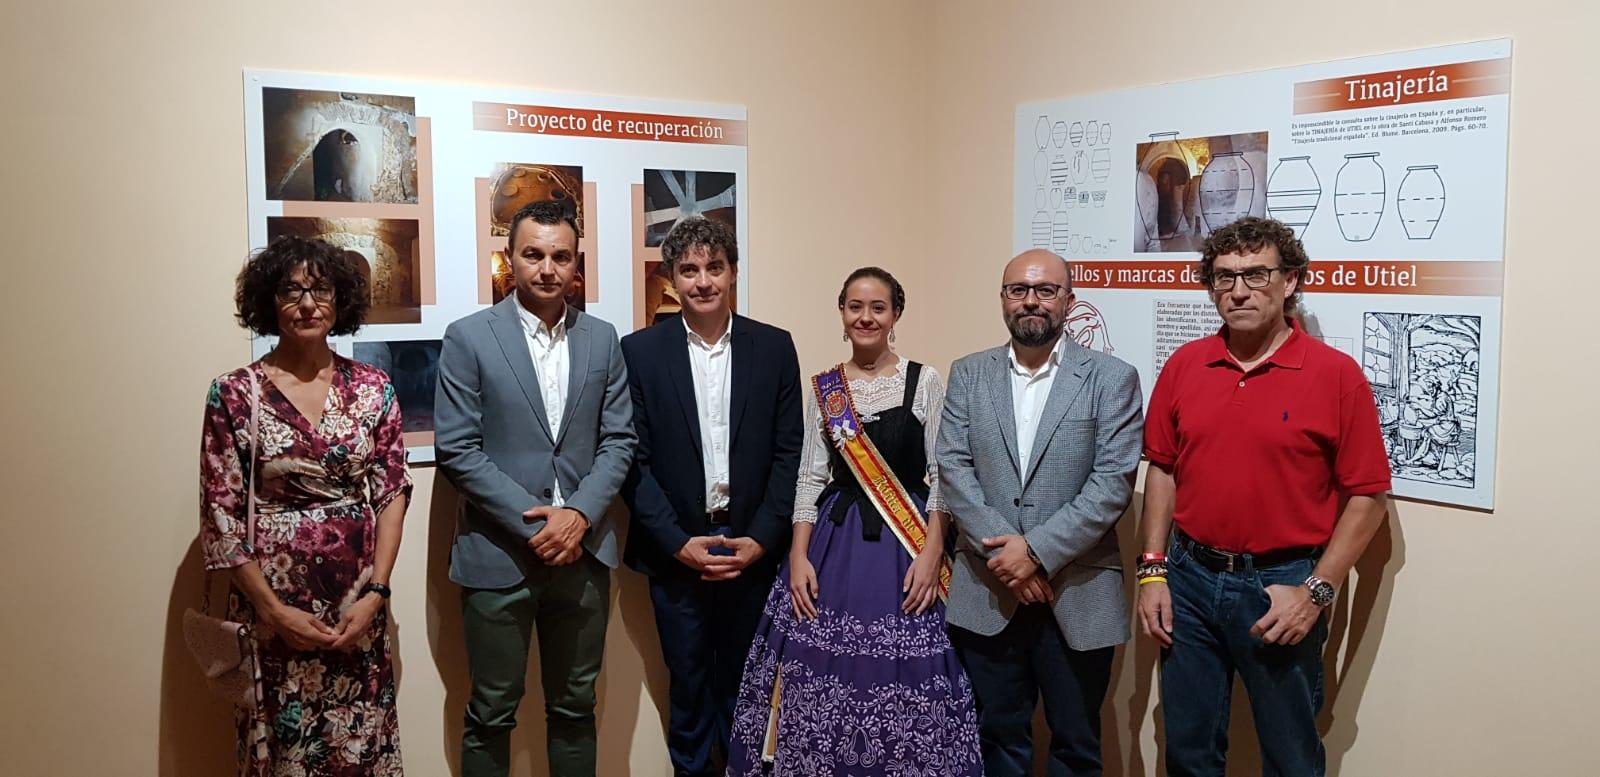 """El responsable de Turisme assenyala que la rehabilitació """"compta amb la col·laboració de la Generalitat""""."""